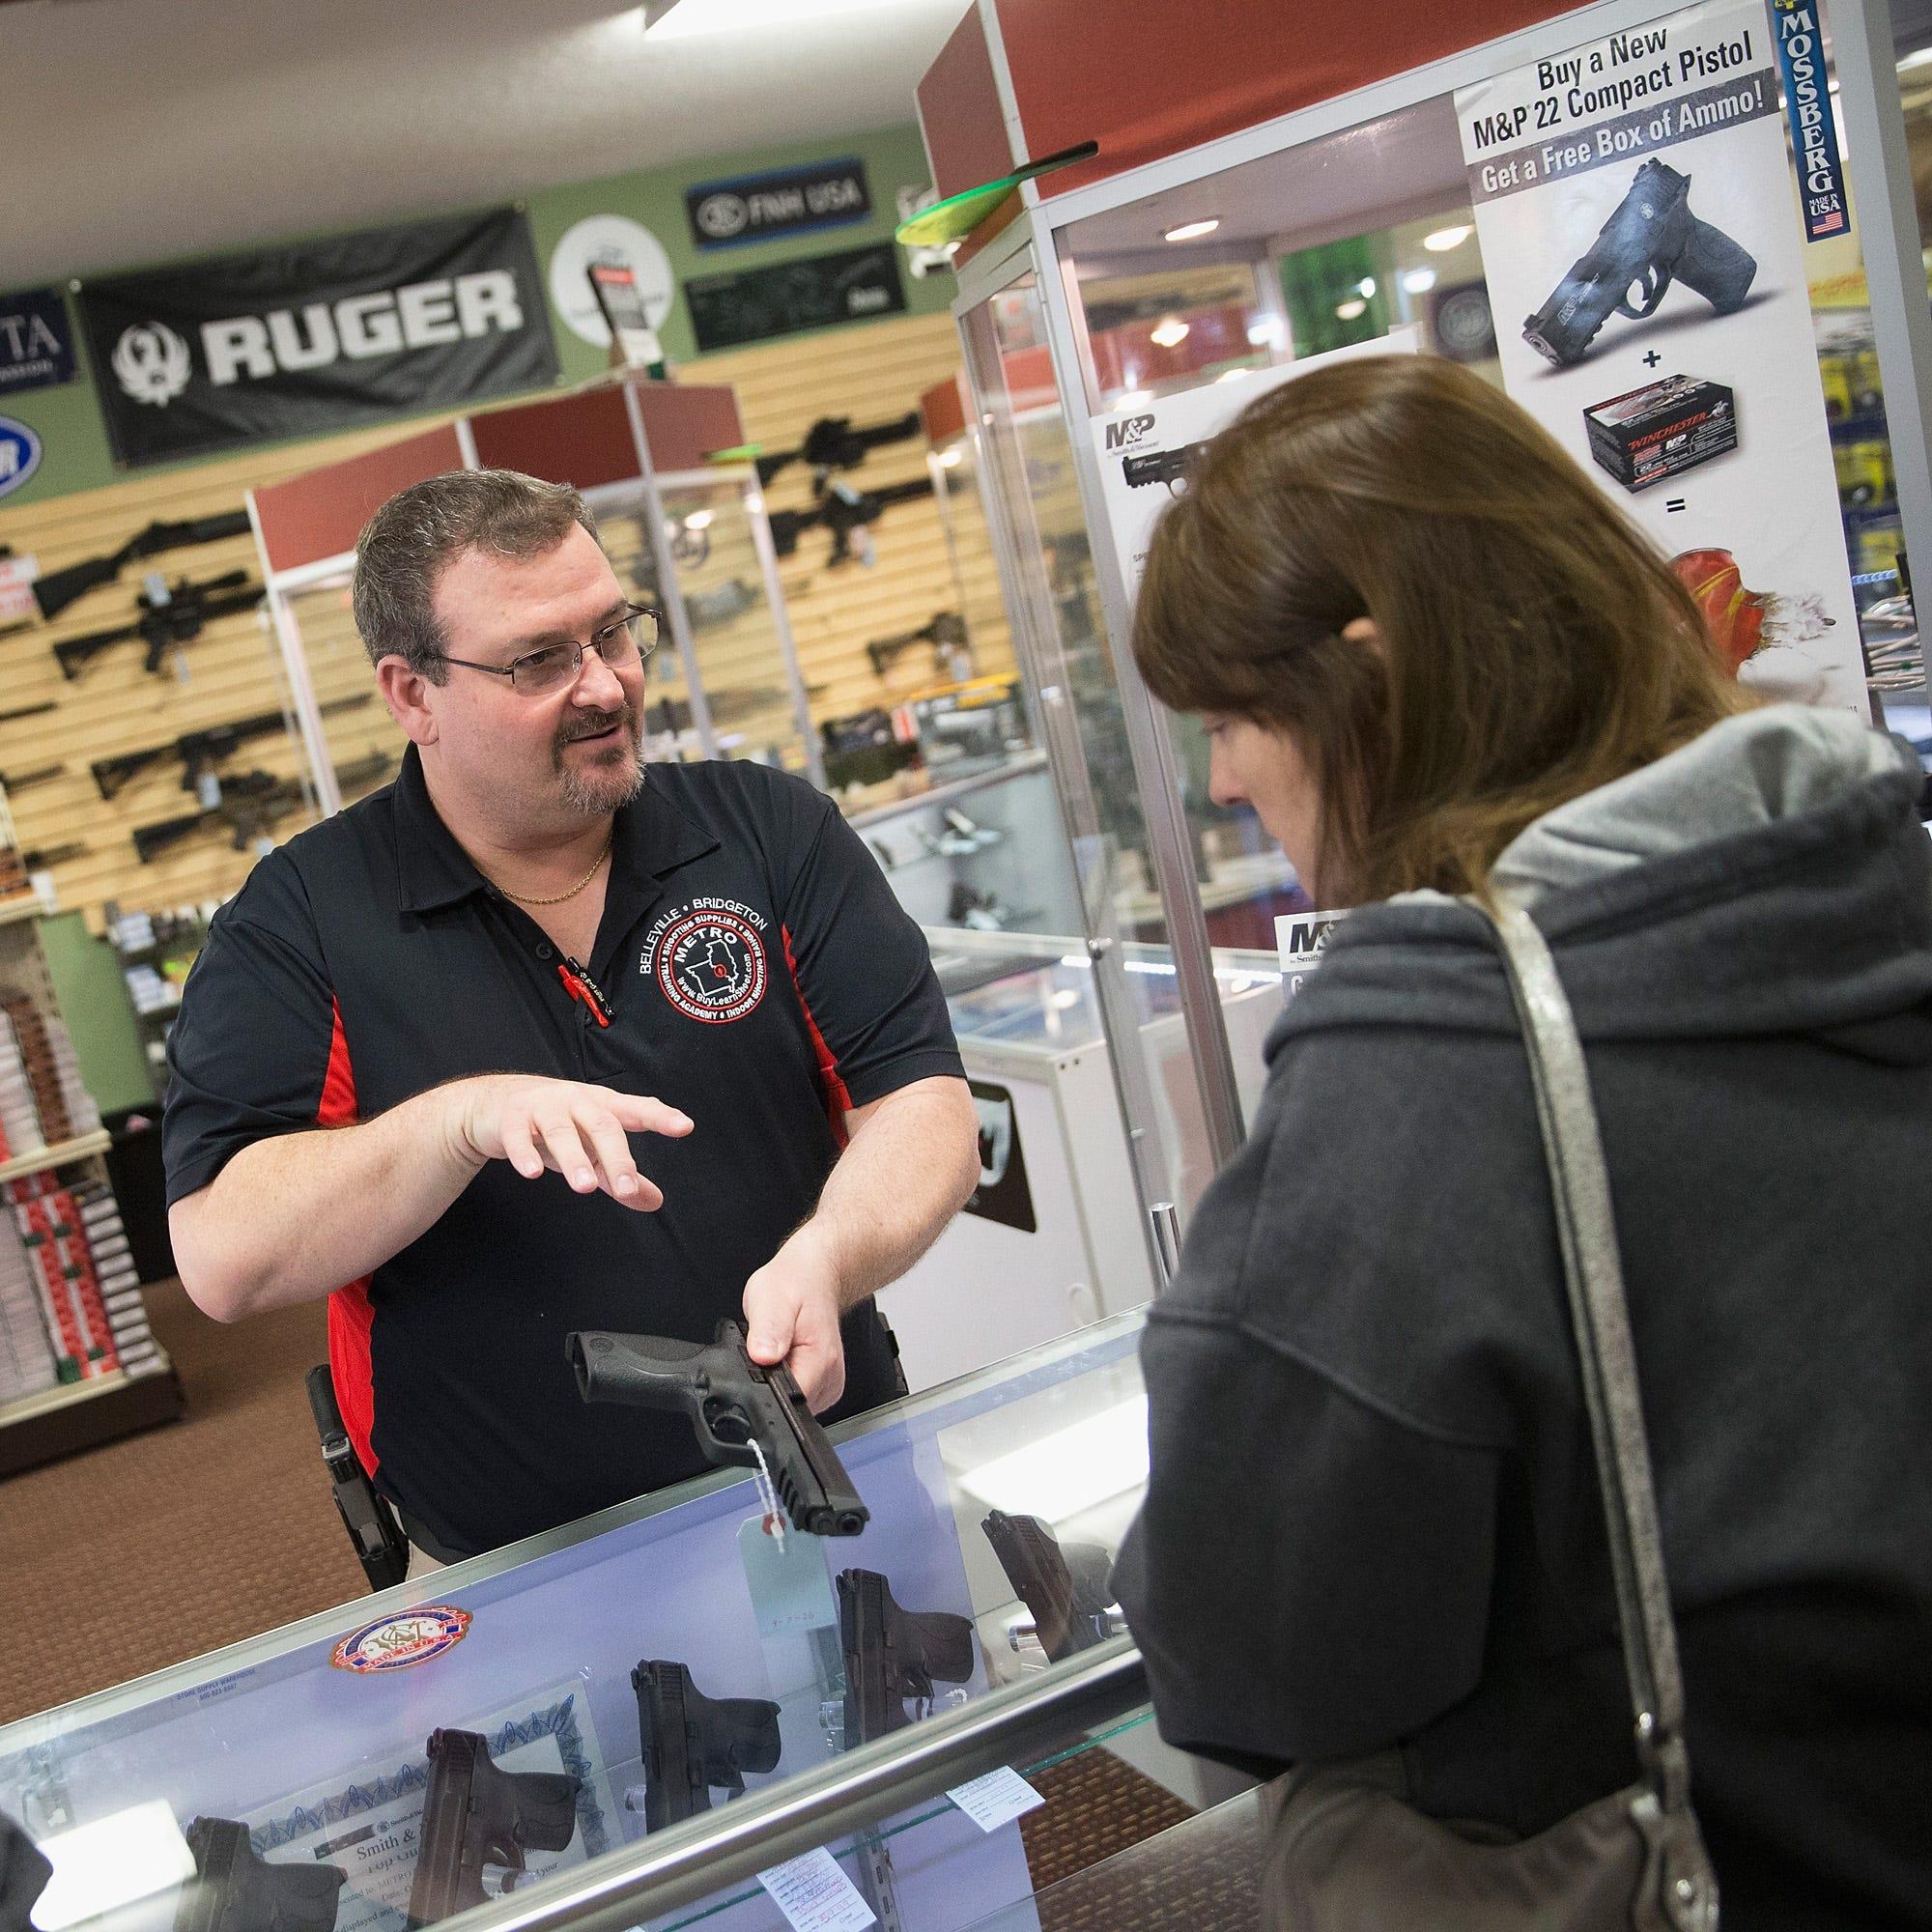 In California, gun control fails once again